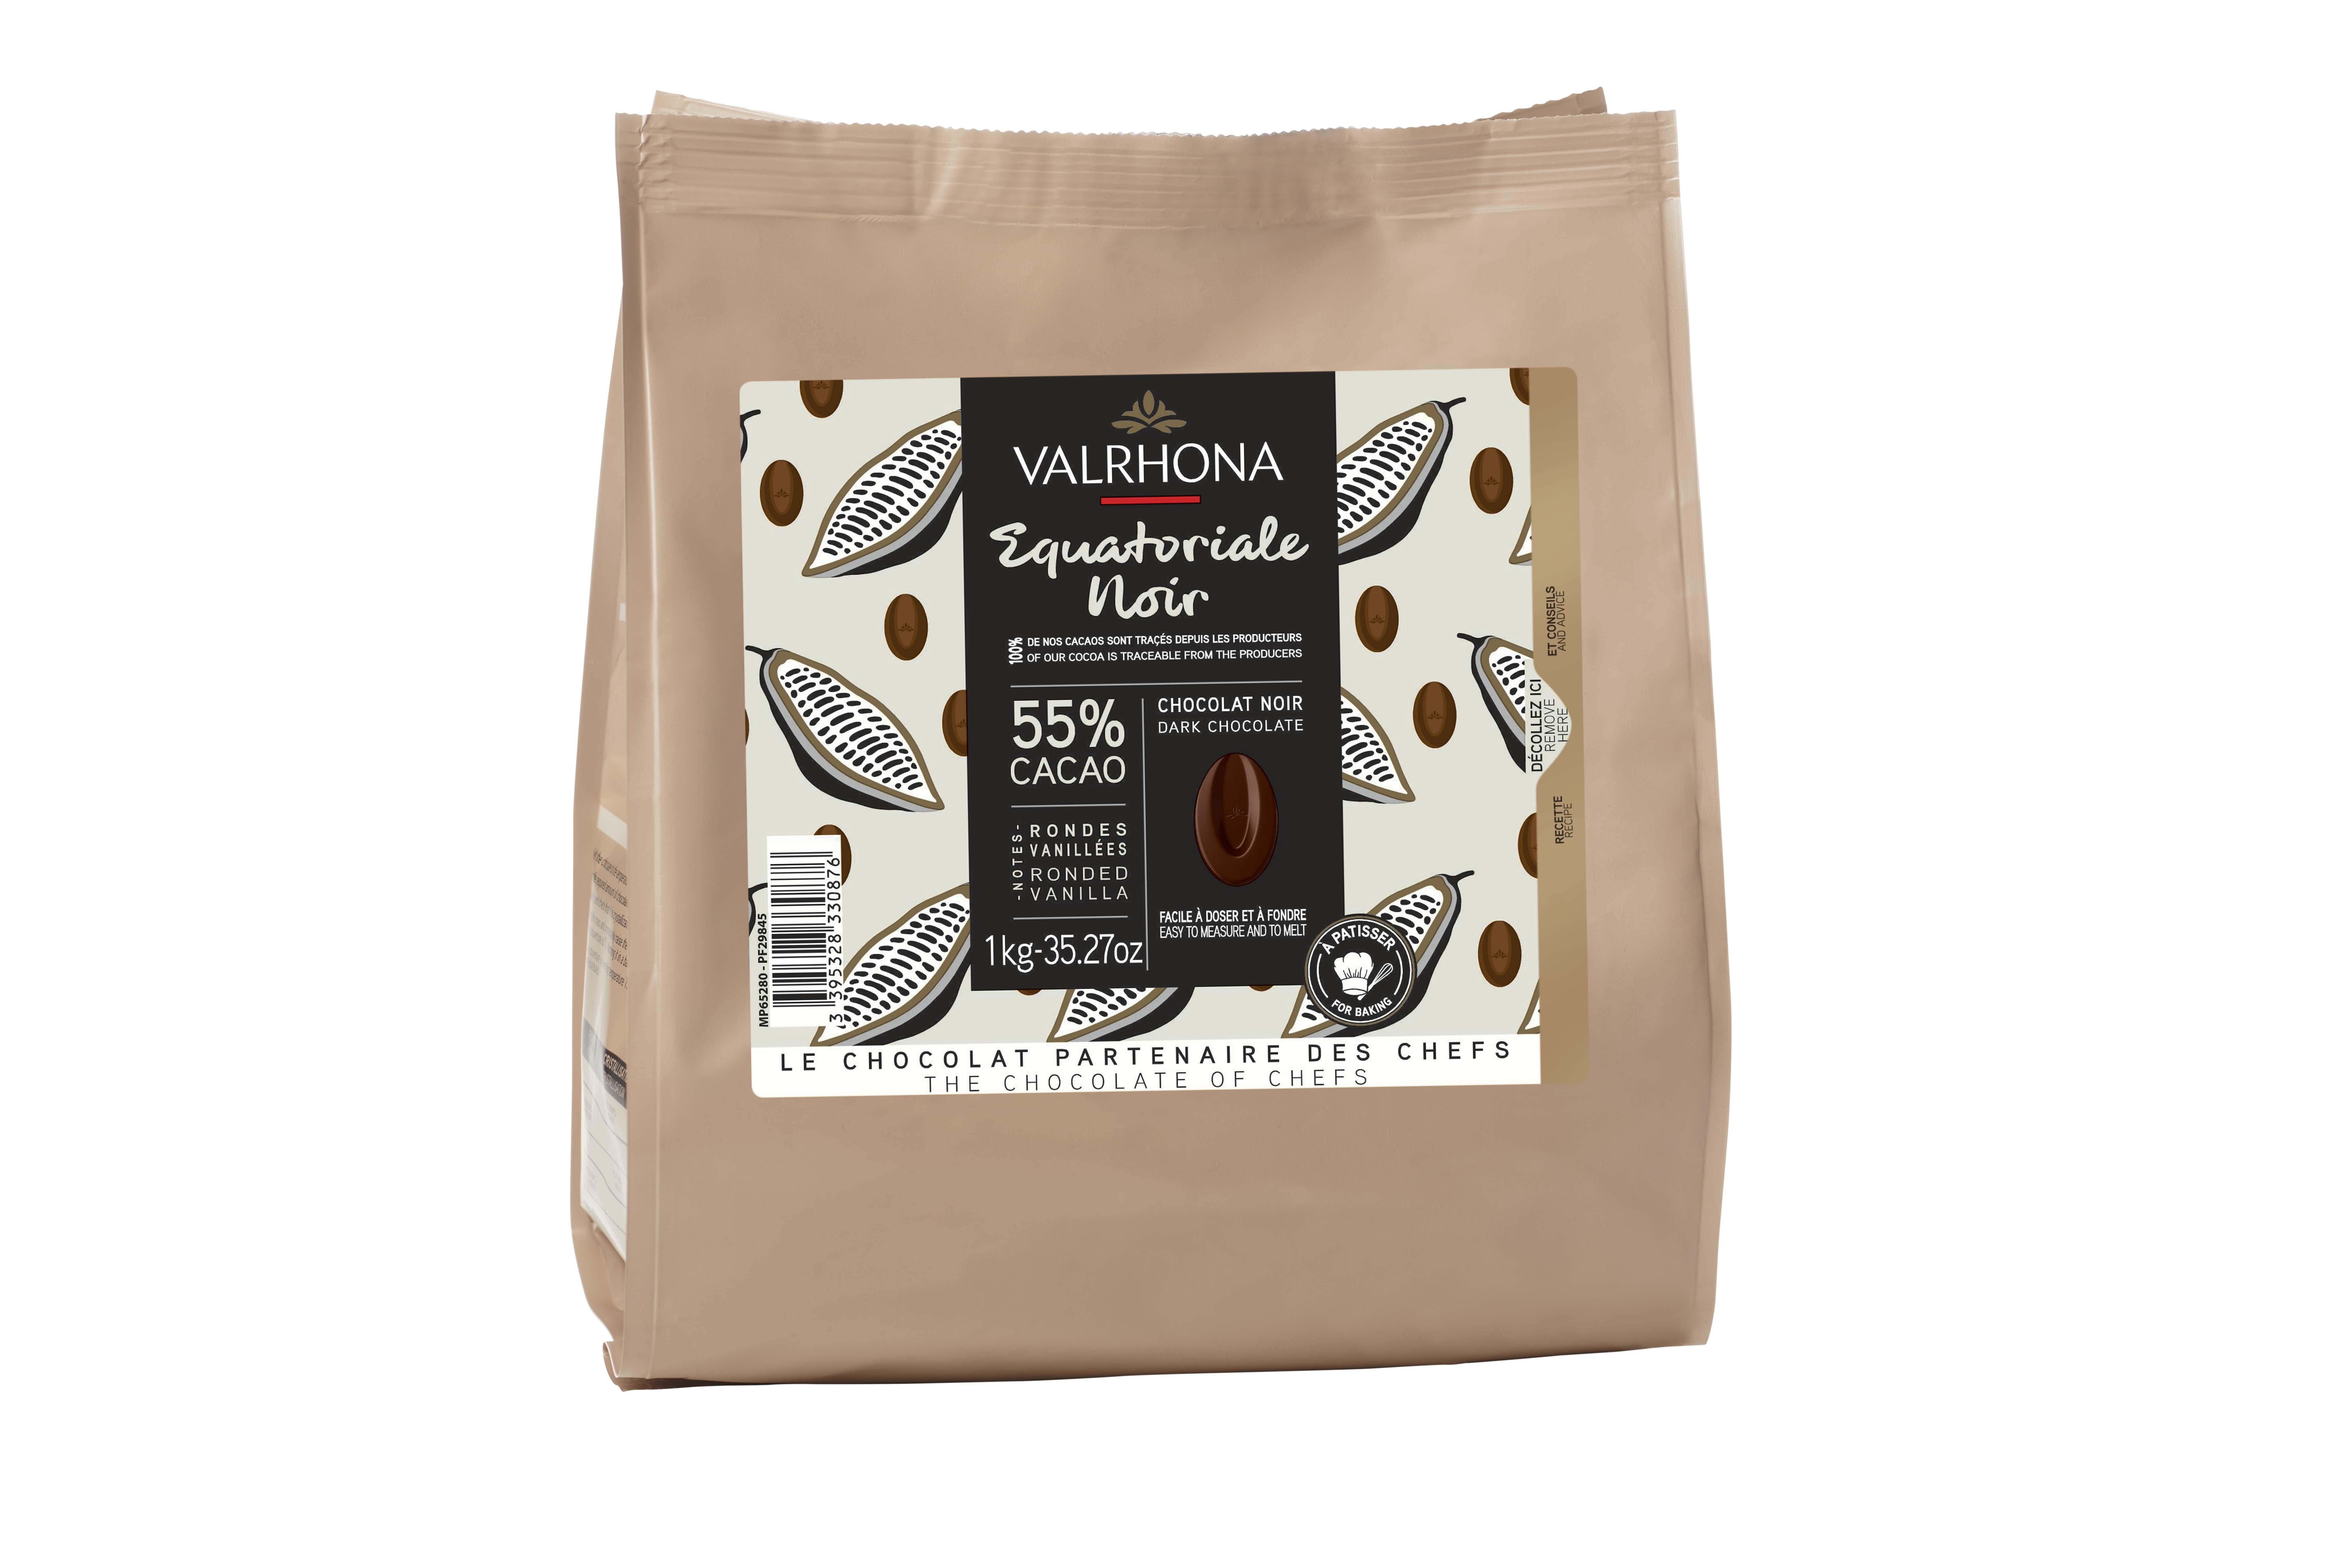 Sac fève Equatoriale noir 55%, Valrhona (1 Kg)